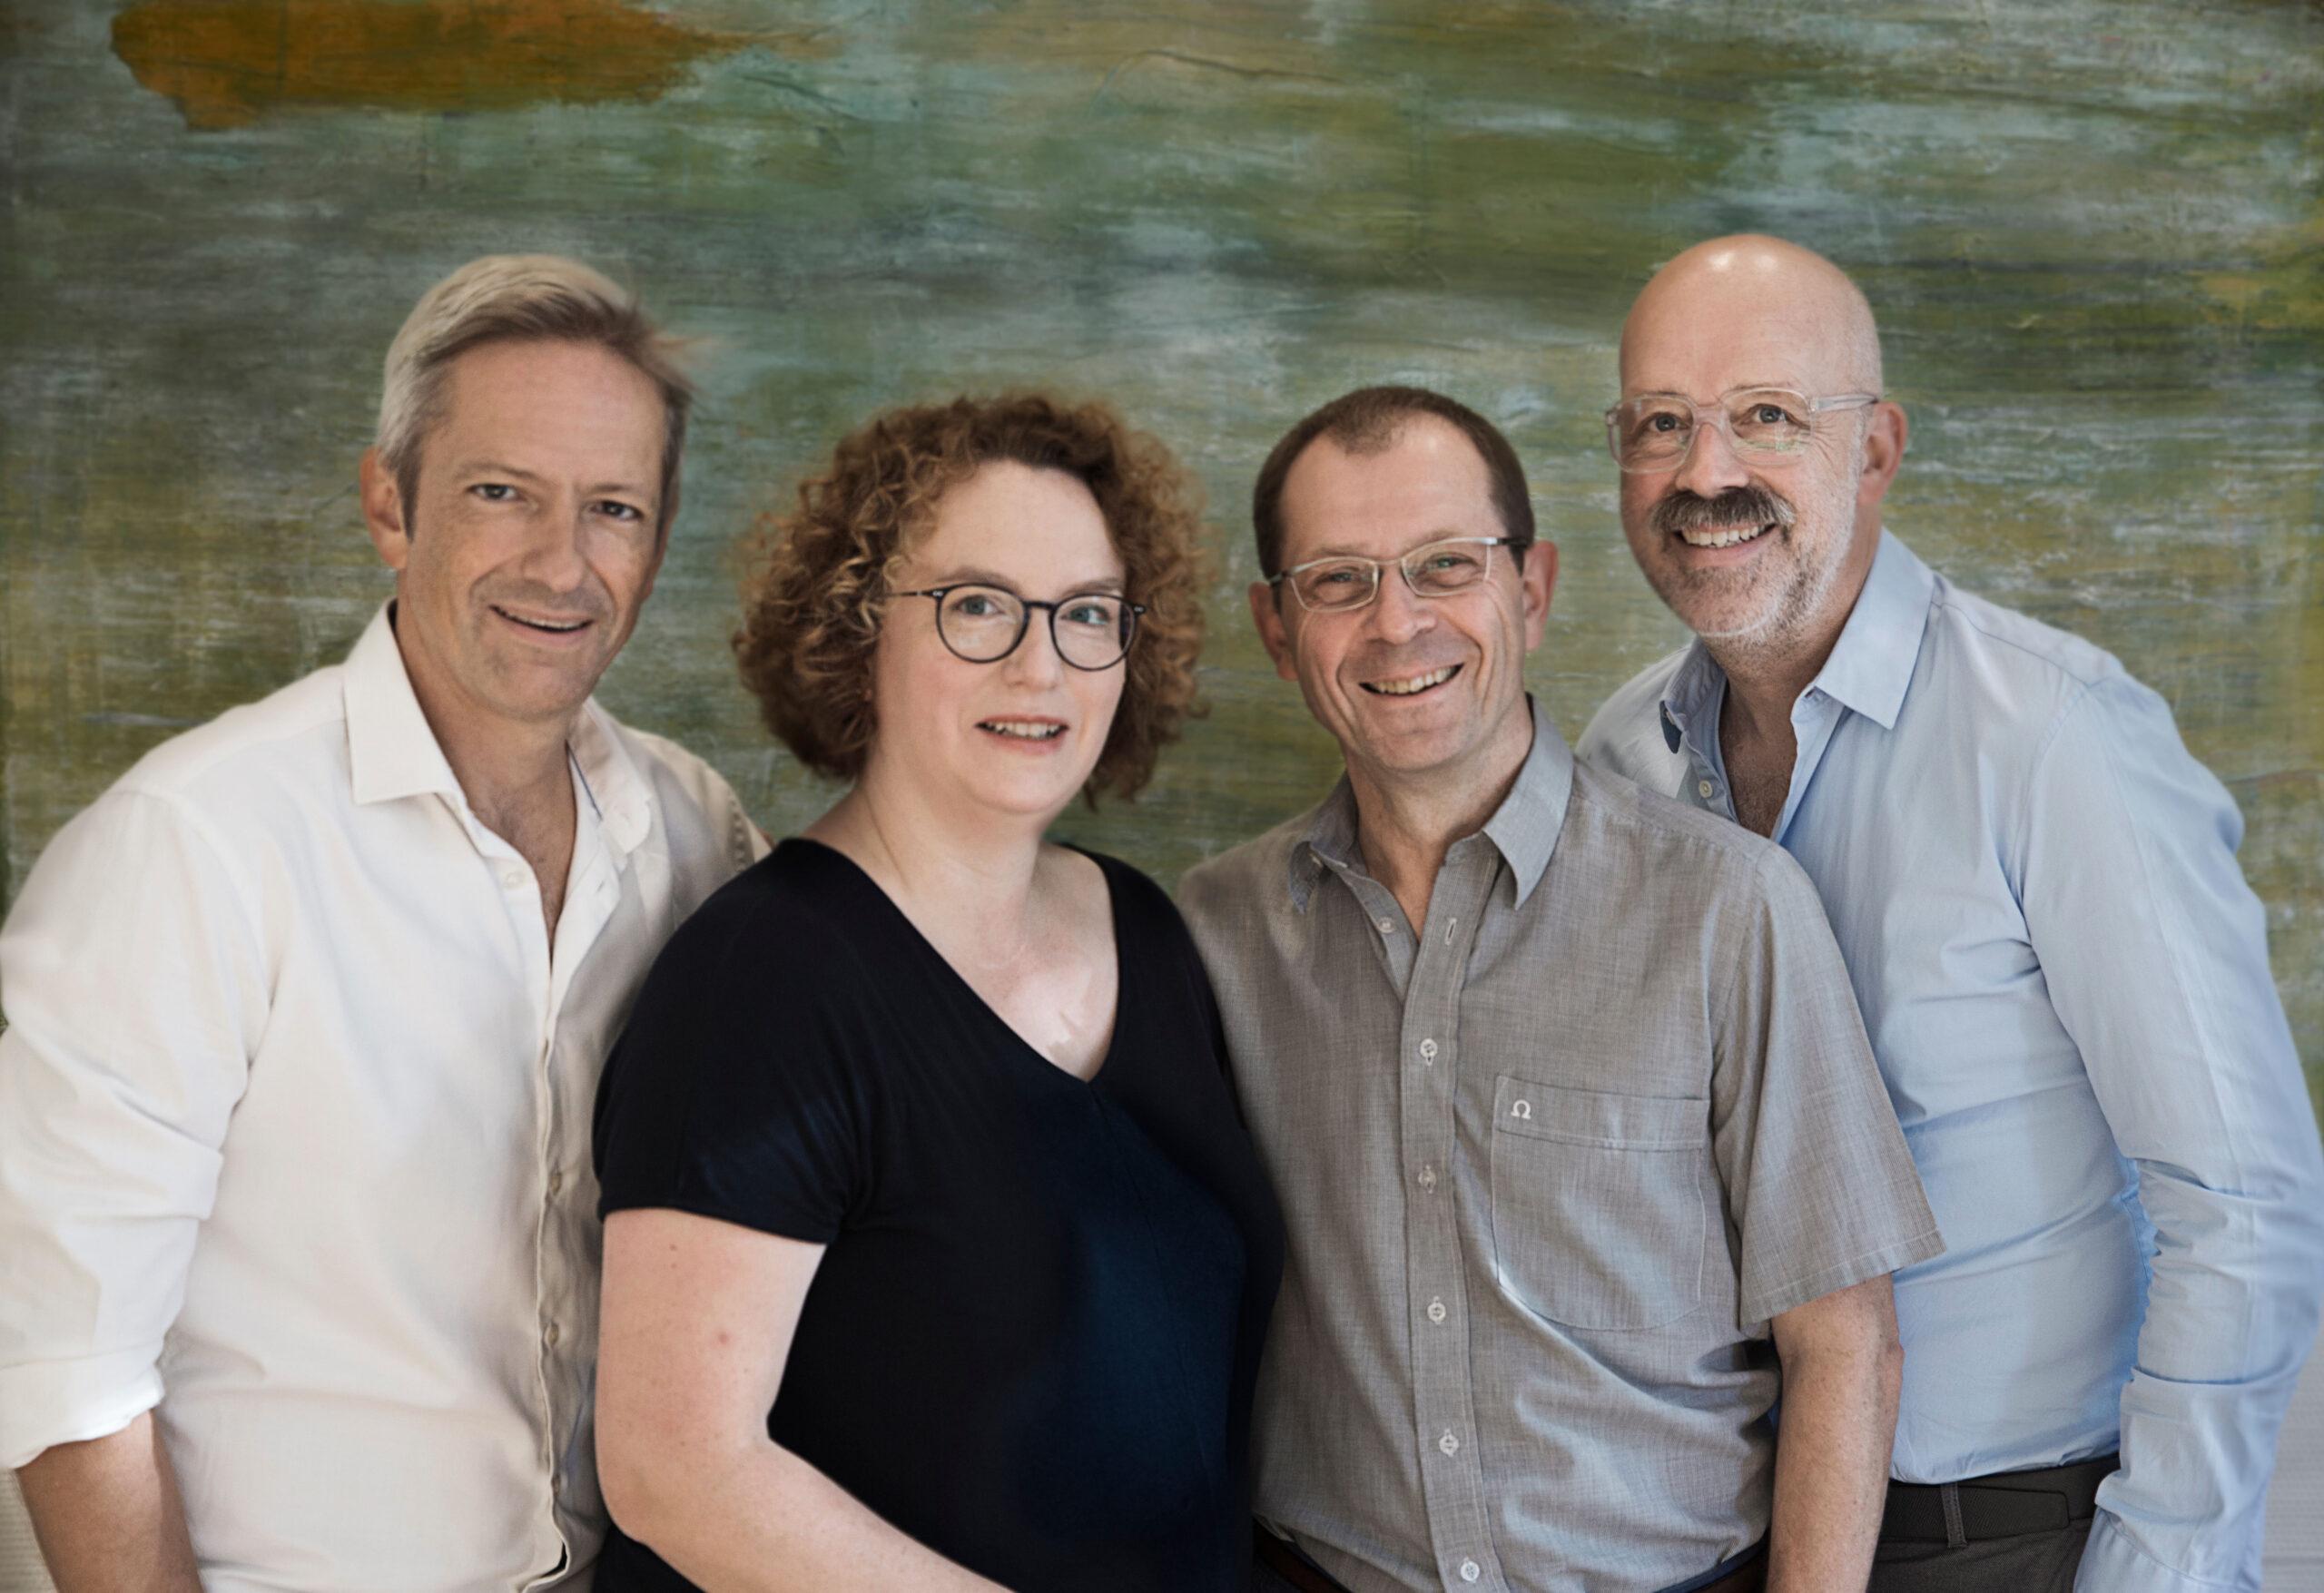 Die vier Neurologen der NFZB Dr. Gregor Scherzinger; Dr. Heike Israel-Willner, Dr. Klaus Tiel-Wilck, Dr. Jörg Osterhage